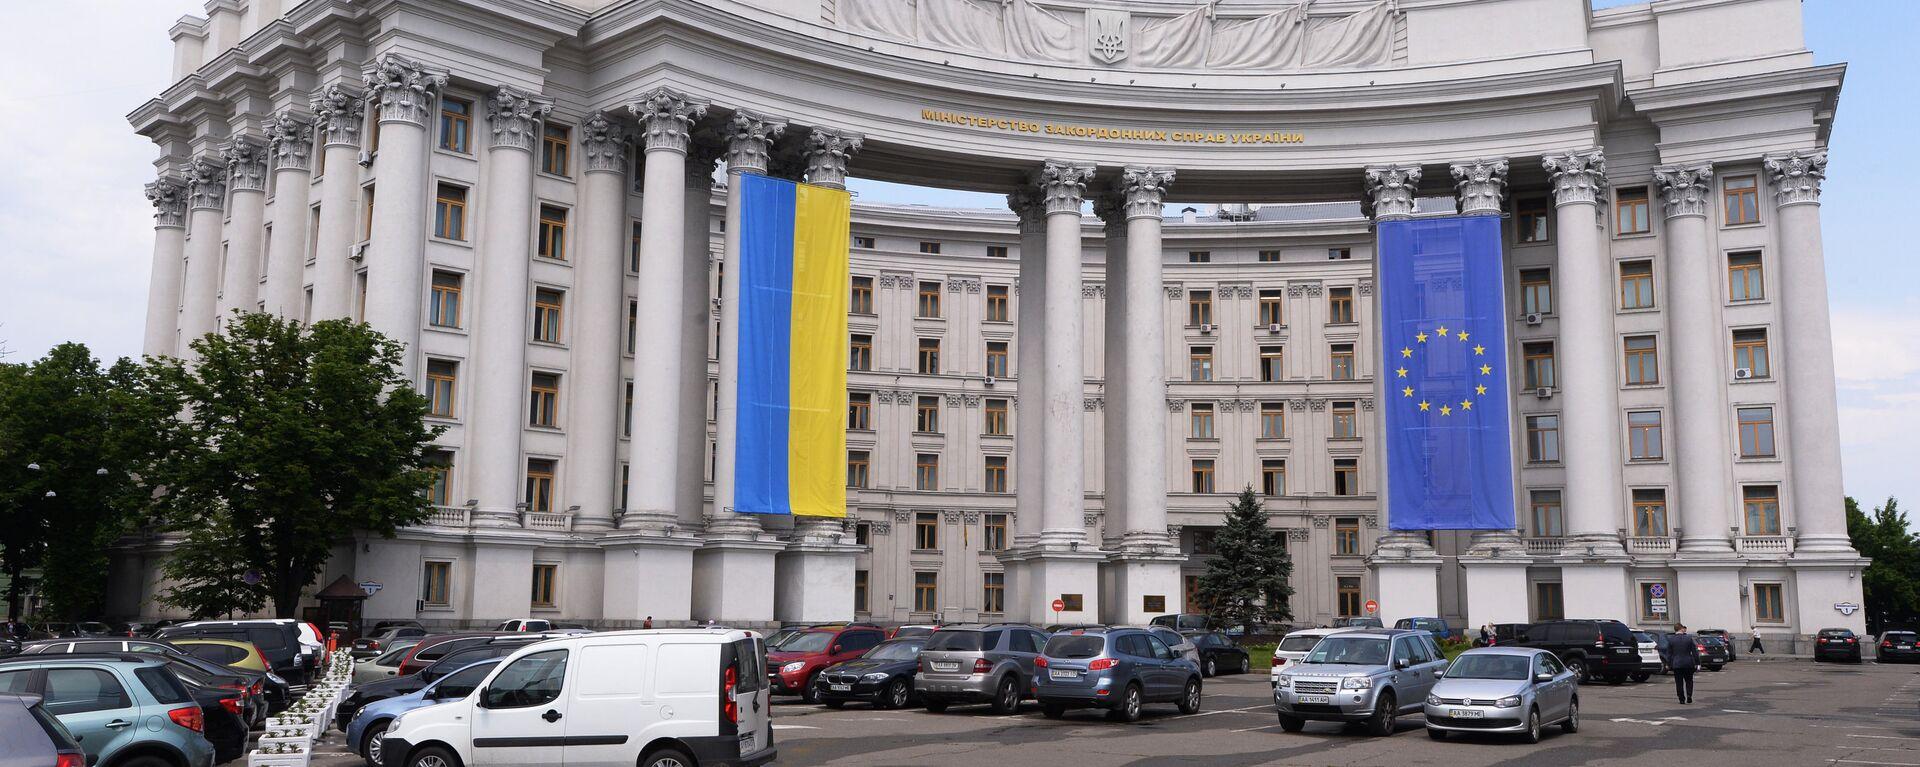 Здание МИДа Украины - Sputnik Латвия, 1920, 27.08.2020